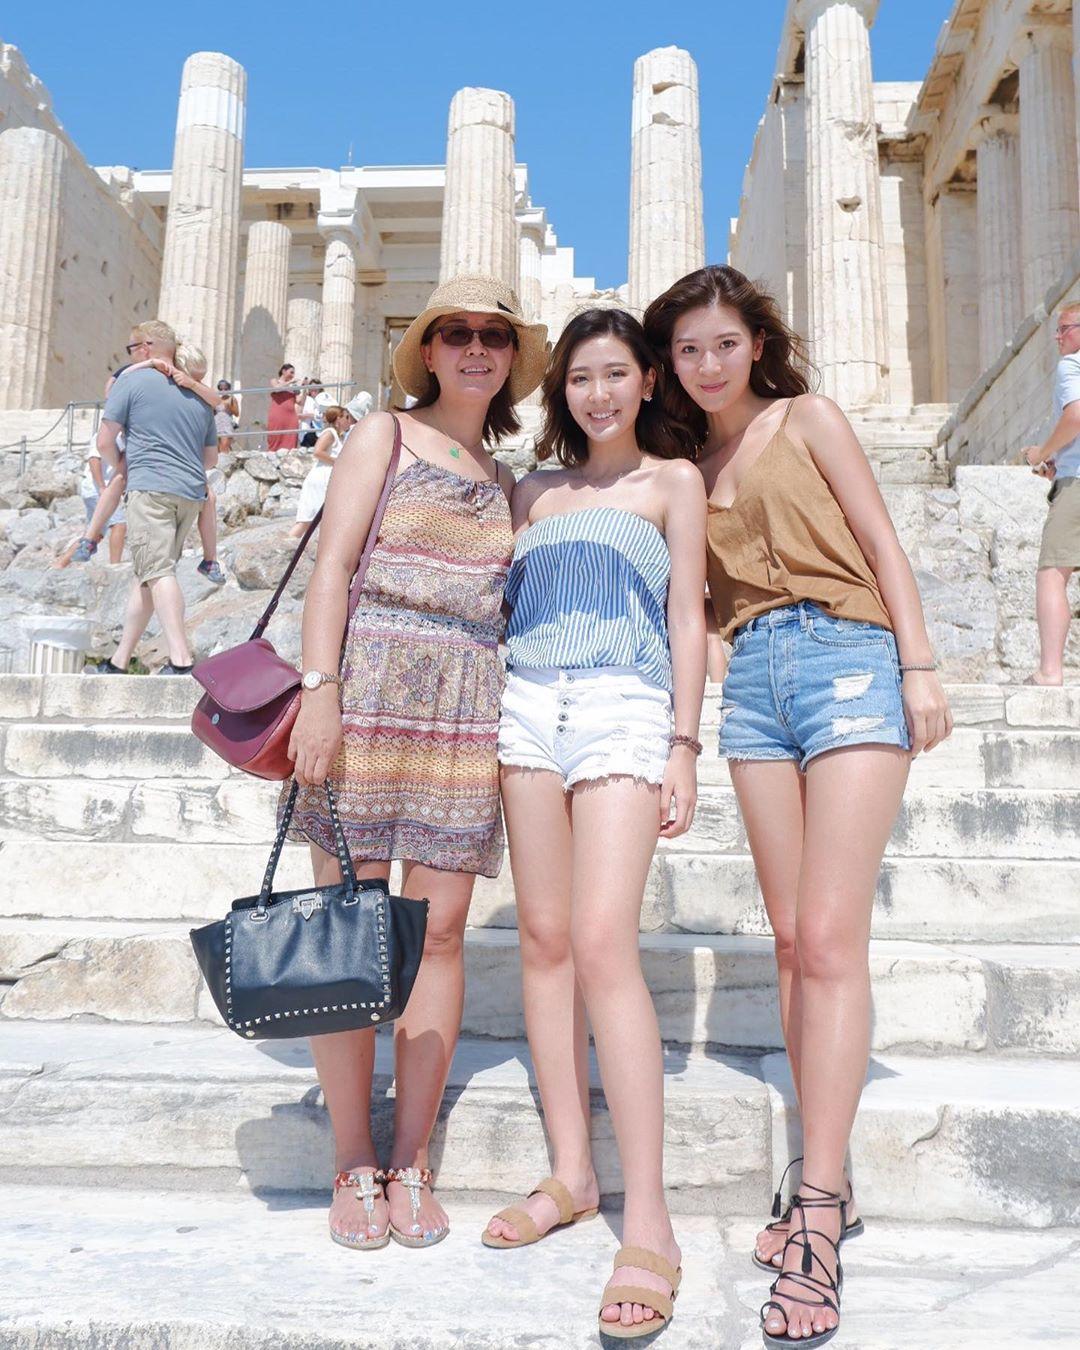 穿上吊帶裙的余媽媽少女味十足,令不少網友都因而表示她們似「三姊妹」多過三母女。 余香凝IG圖片